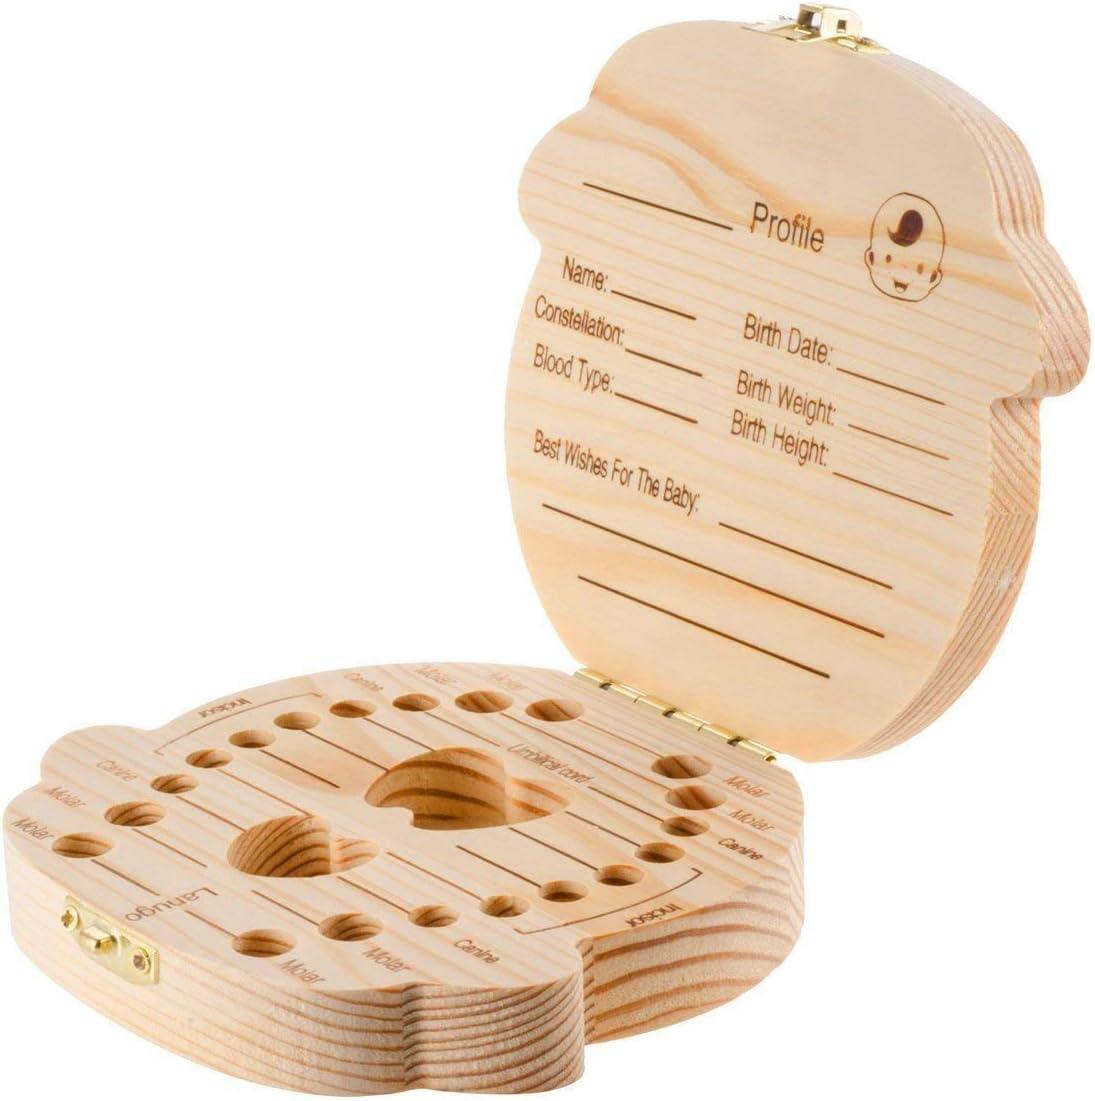 Lubier 1 Pieza Caja de Almacenamiento de Dientes de Leche Para Ni/ños Espa/ñol Caja de Recuerdos de Hoja Caduca Beb/é Regalo Precioso